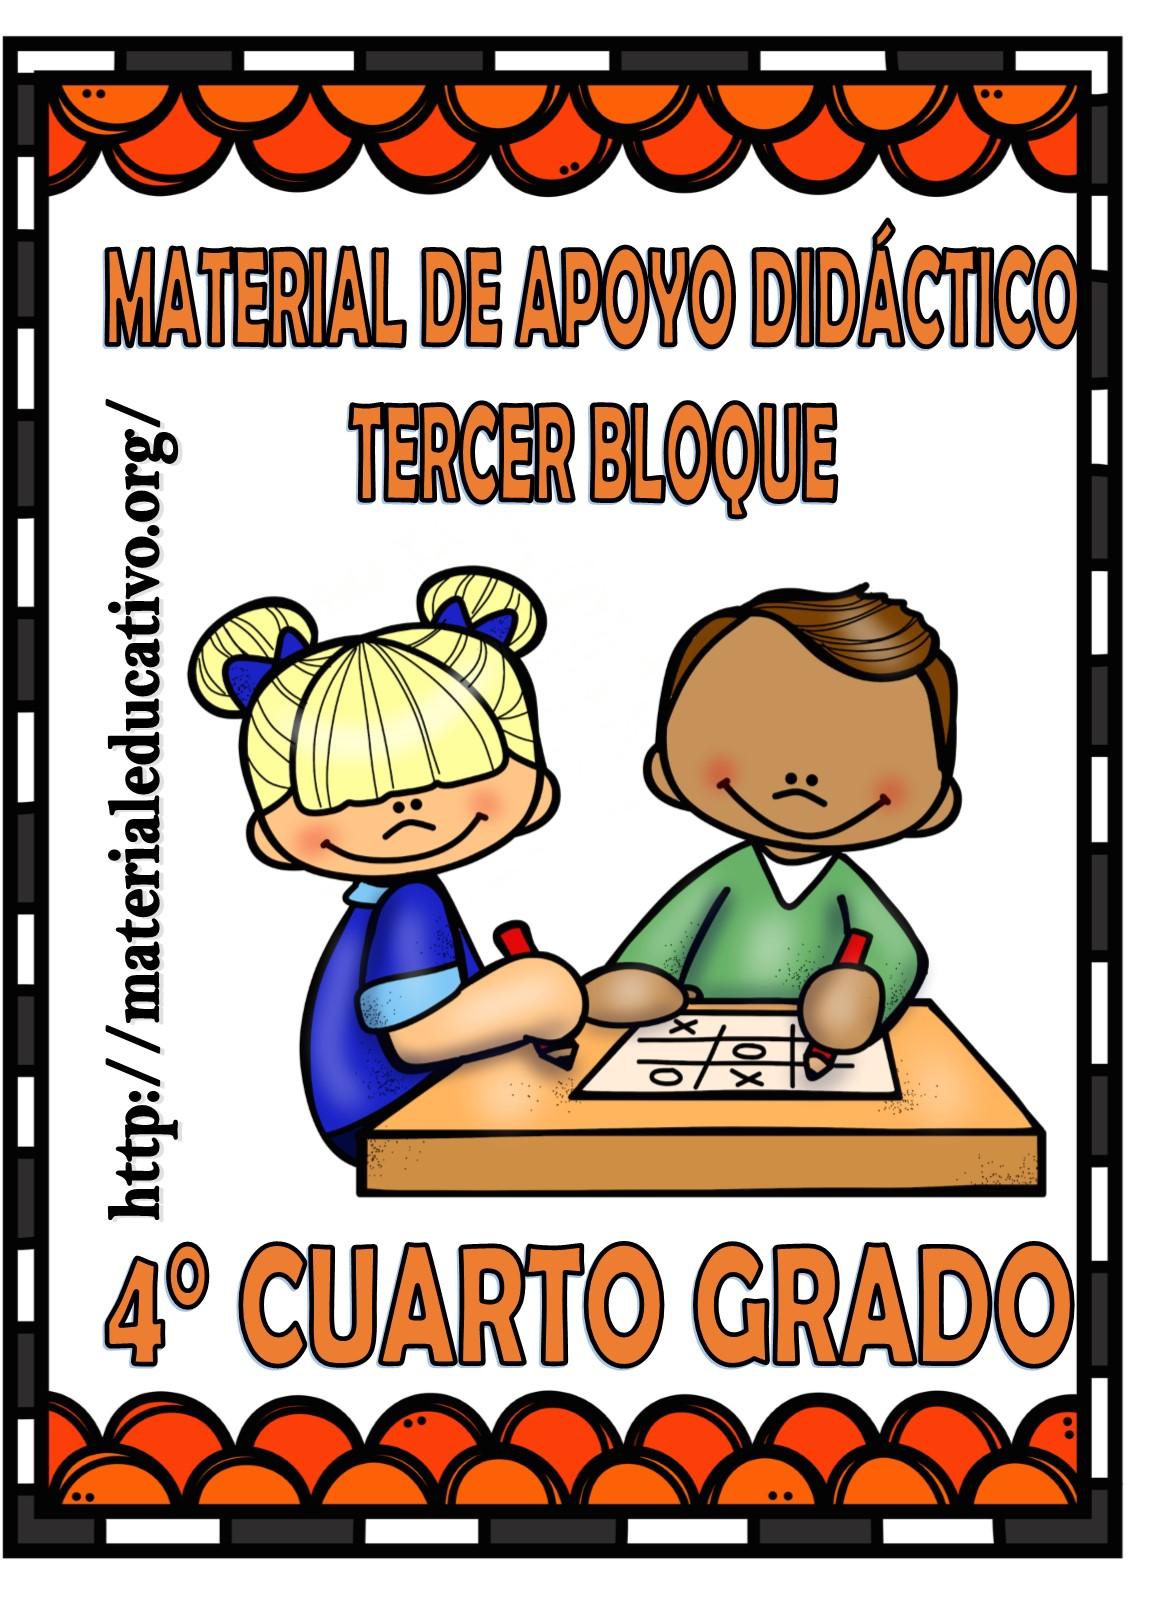 Material de apoyo didáctico del cuarto grado del tercer bloque ...